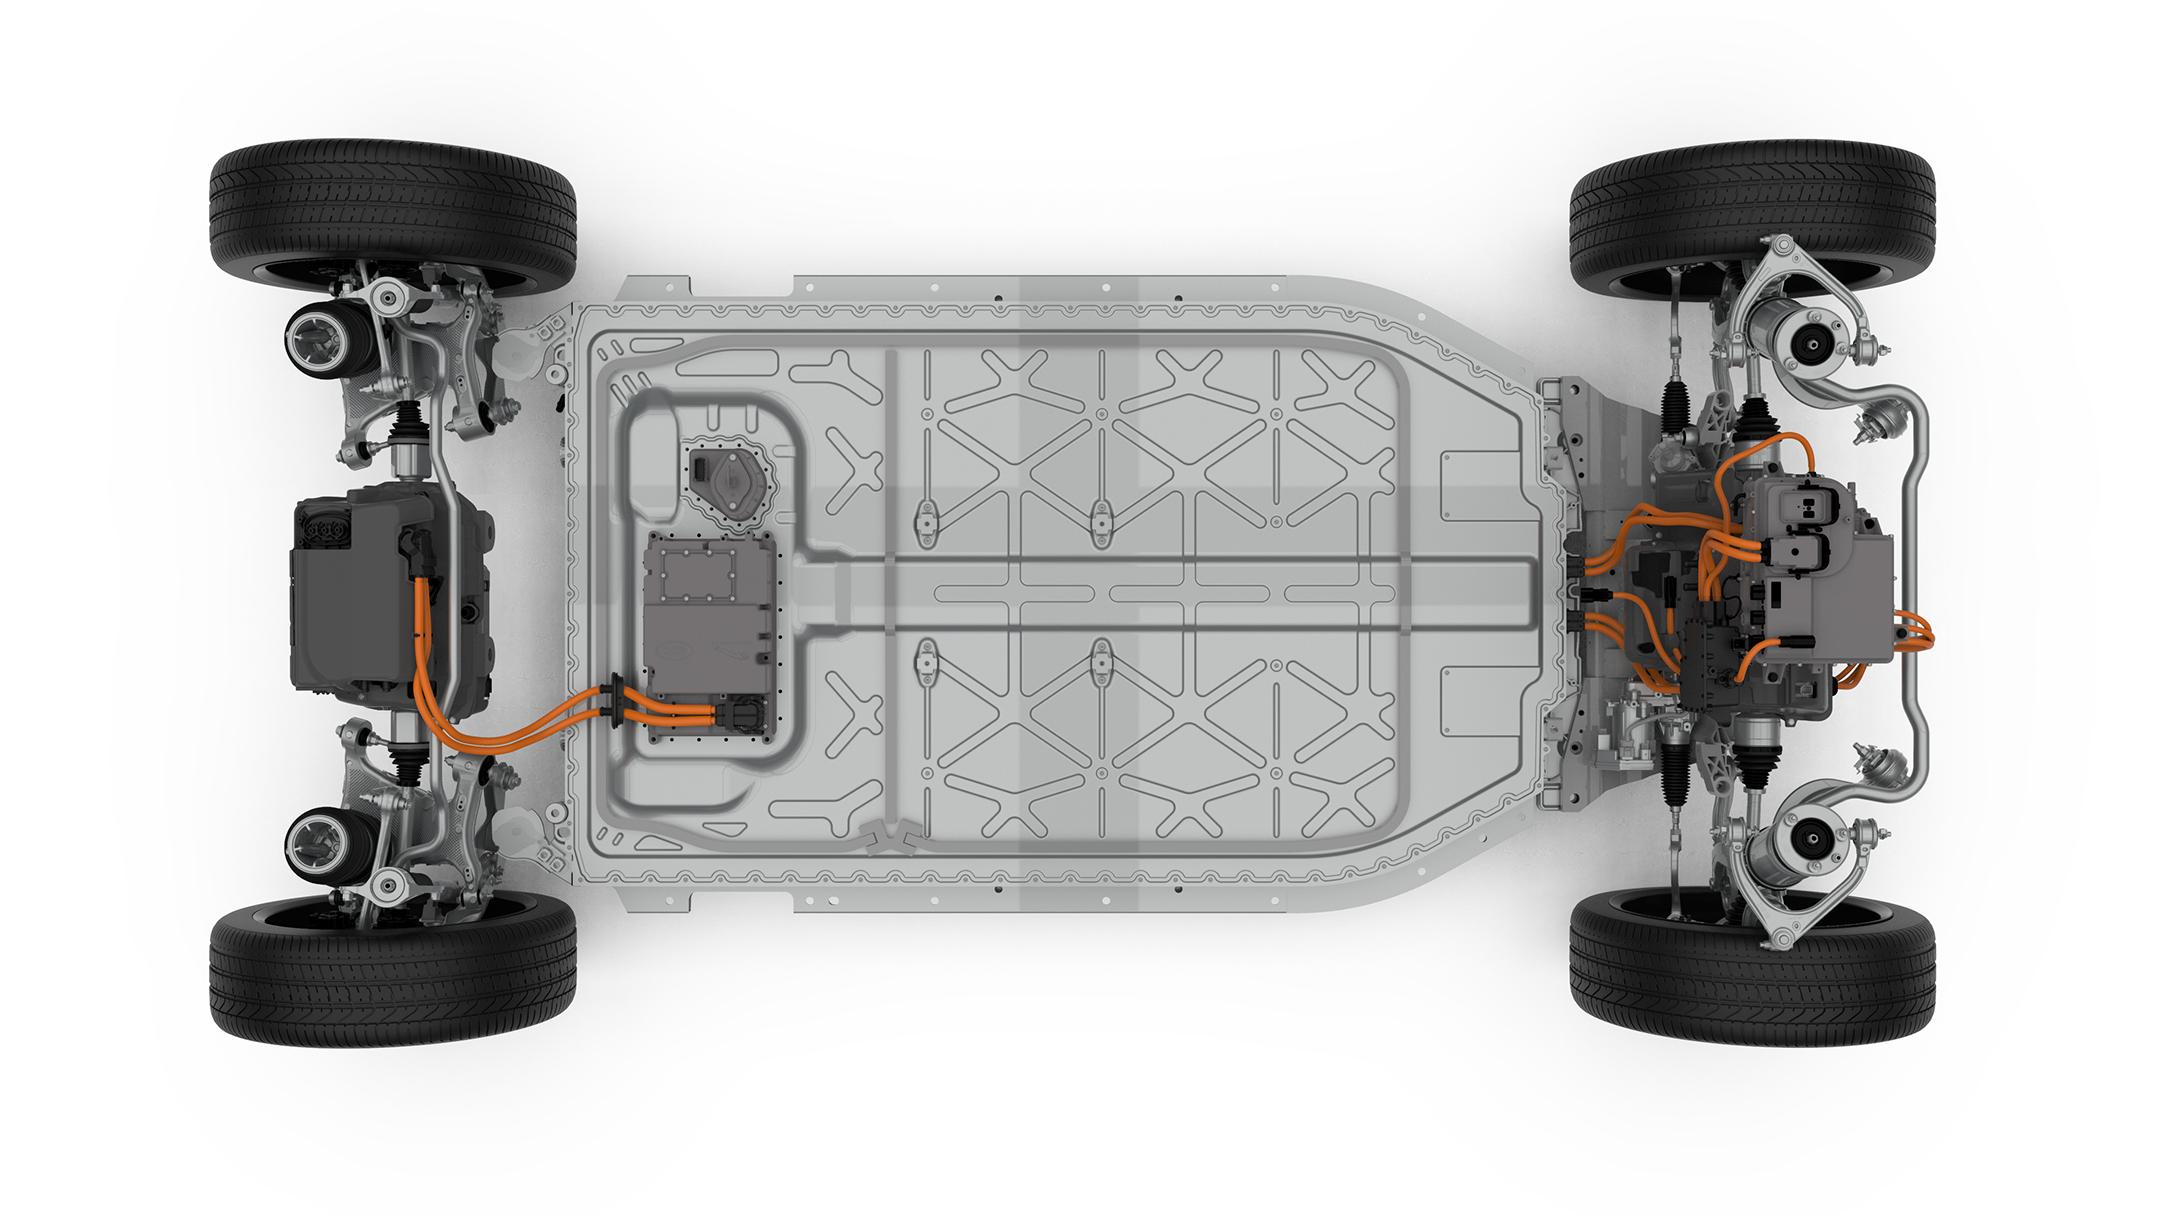 Jaguar I-PACE - 2018 - electro - mecanichal - powertrain